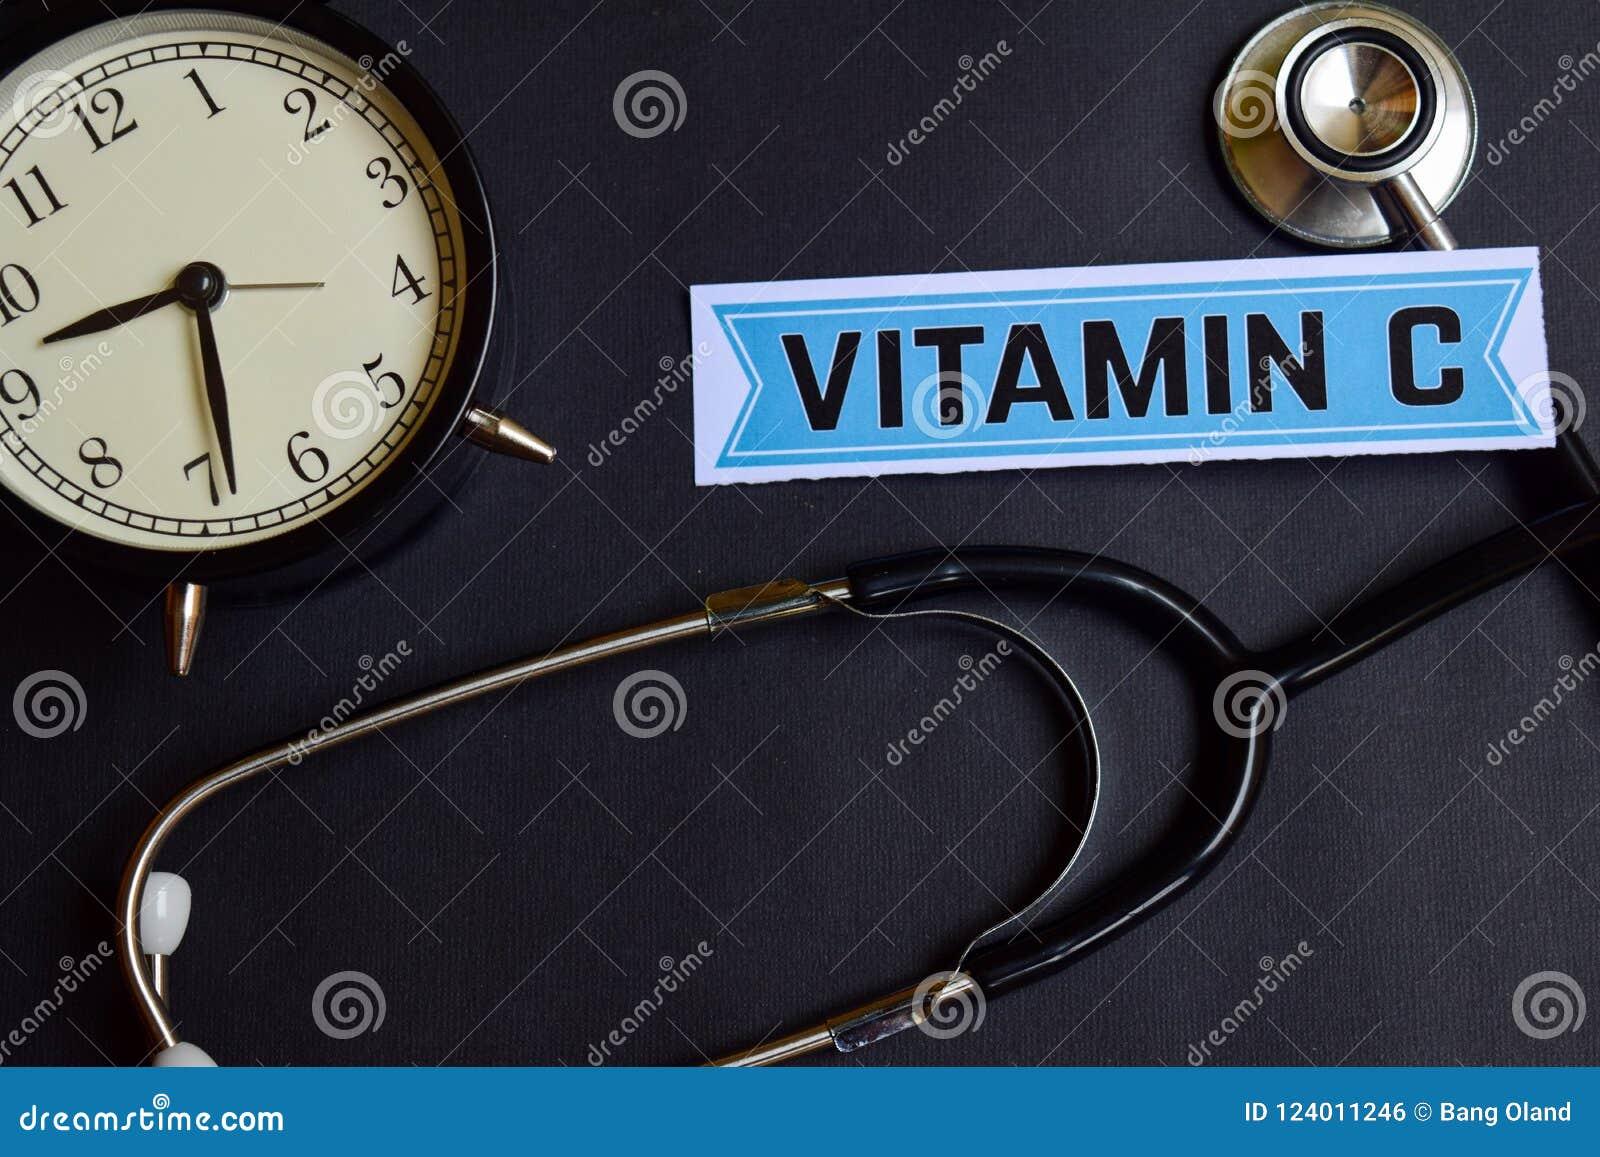 Βιταμίνη C σε χαρτί με την έμπνευση έννοιας υγειονομικής περίθαλψης ξυπνητήρι, μαύρο στηθοσκόπιο